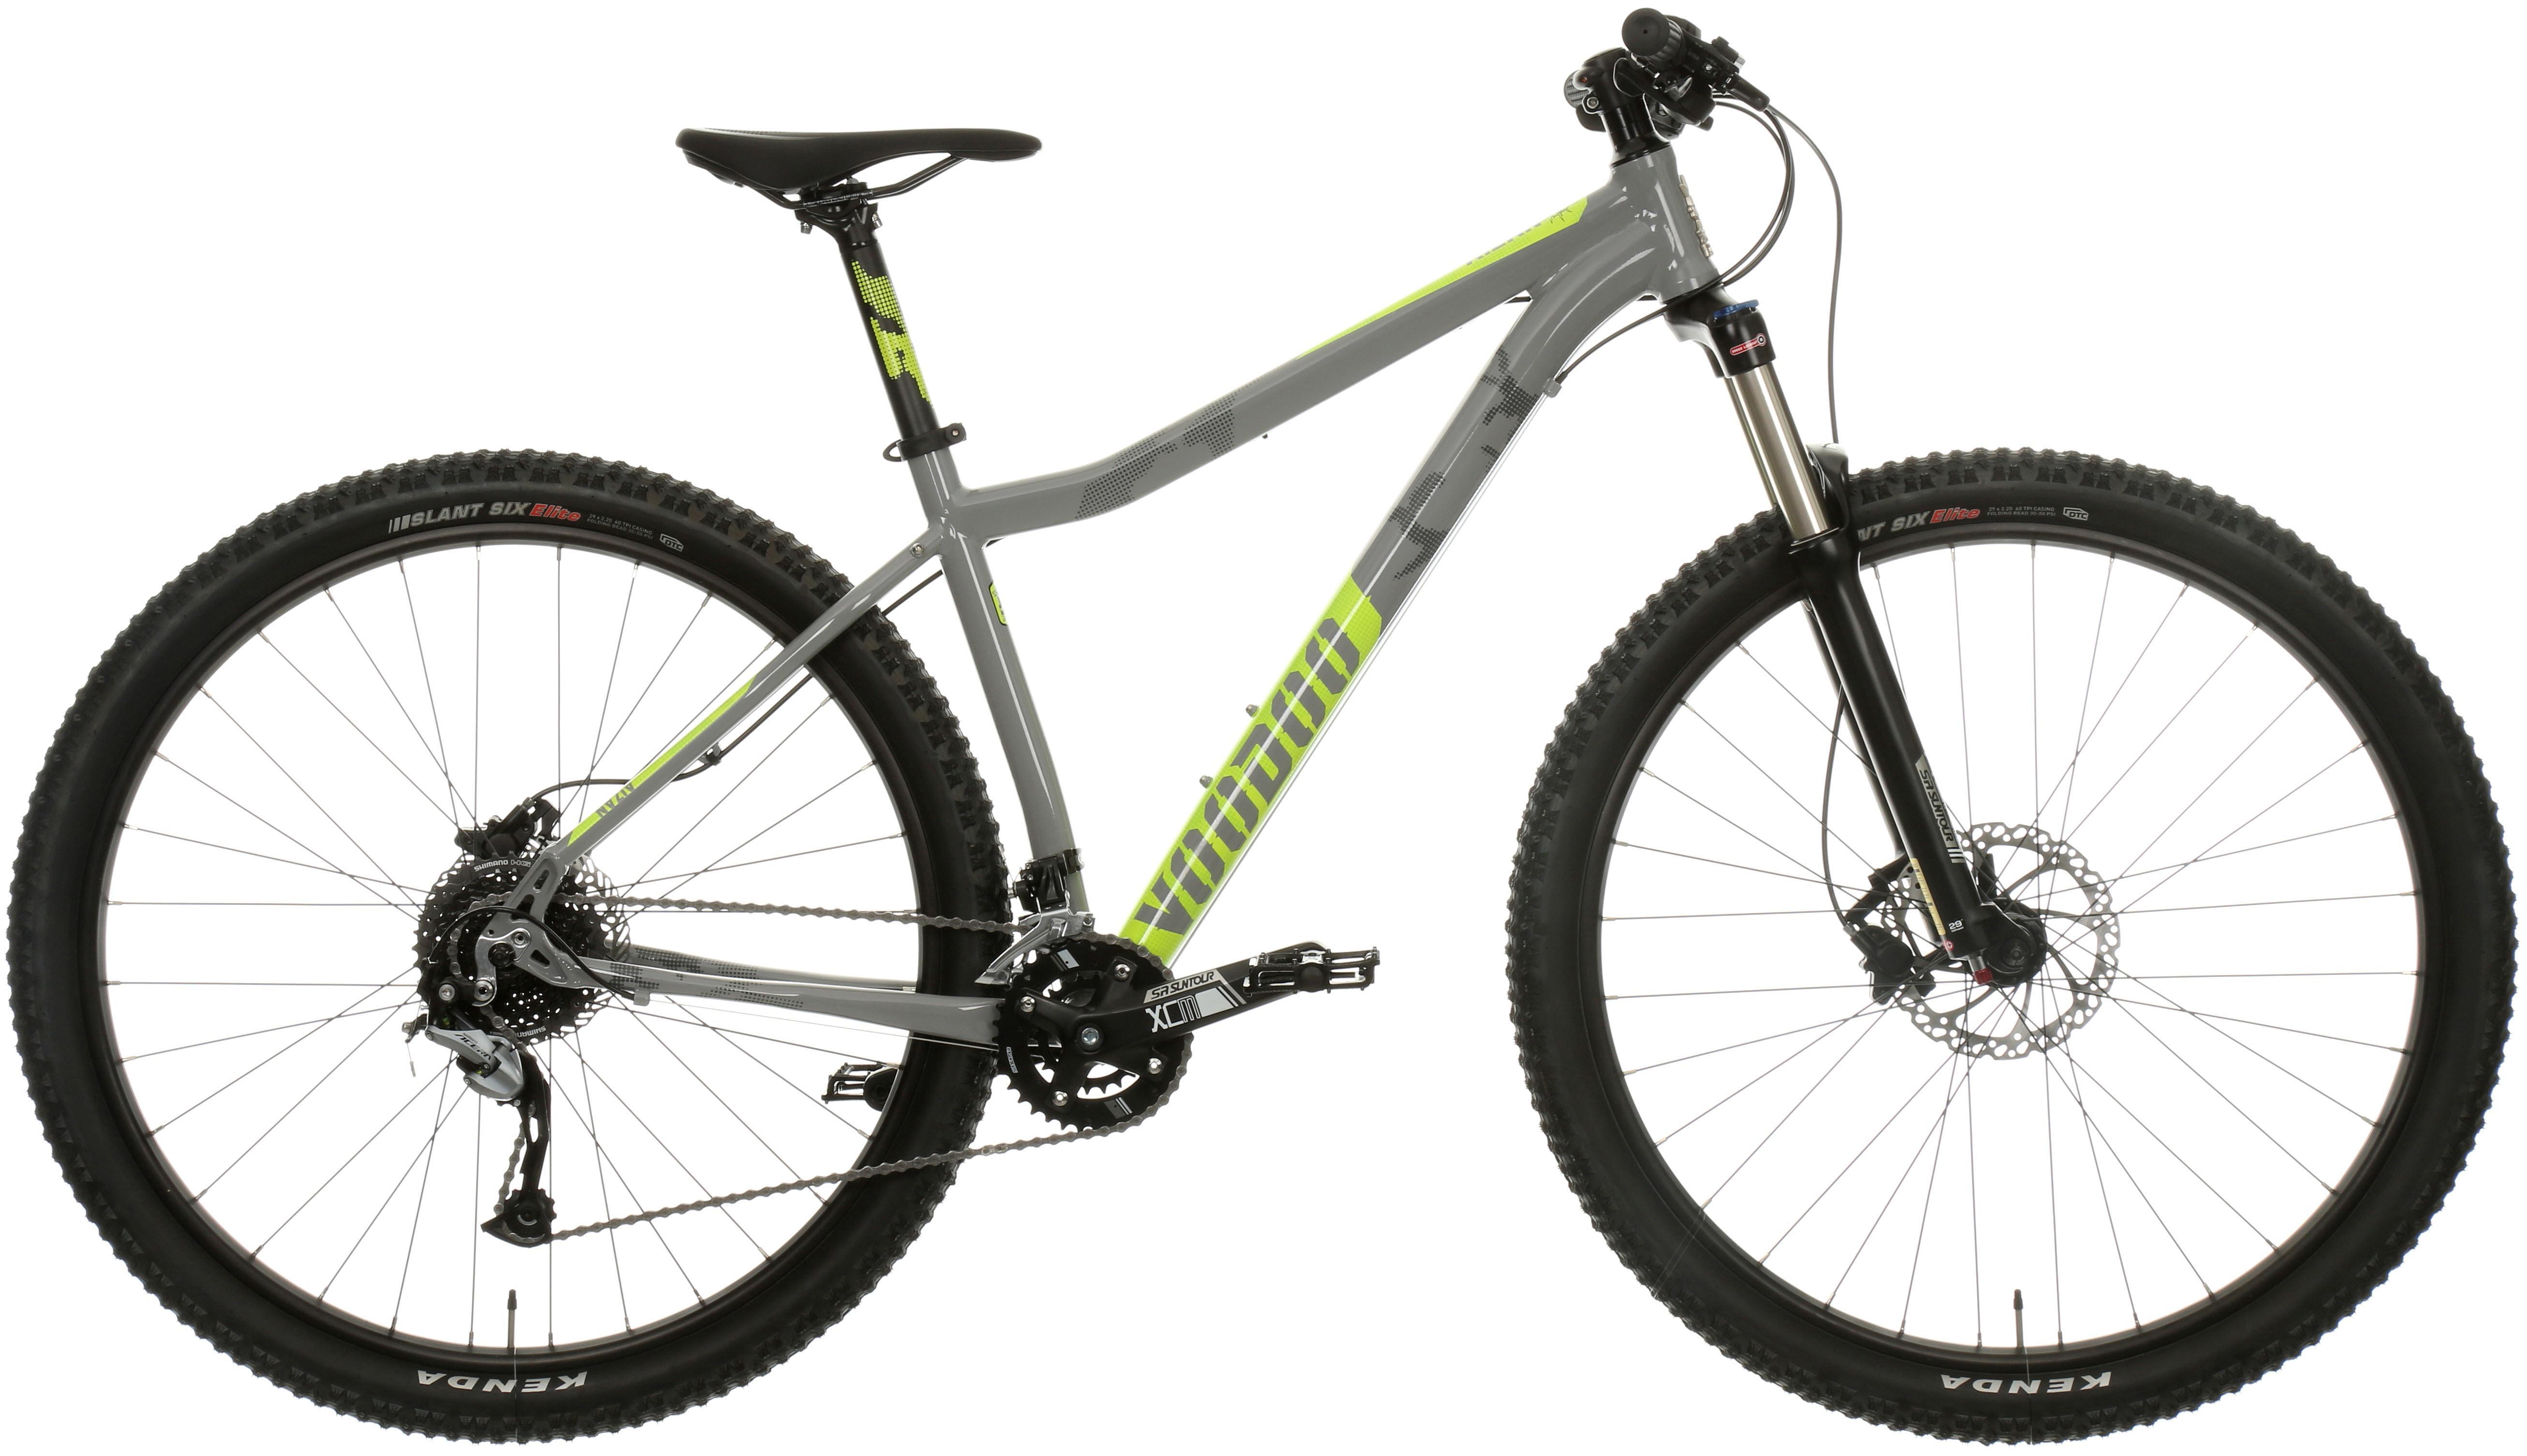 Voodoo Aizan 29Er Mountain Bike - 16 Inch